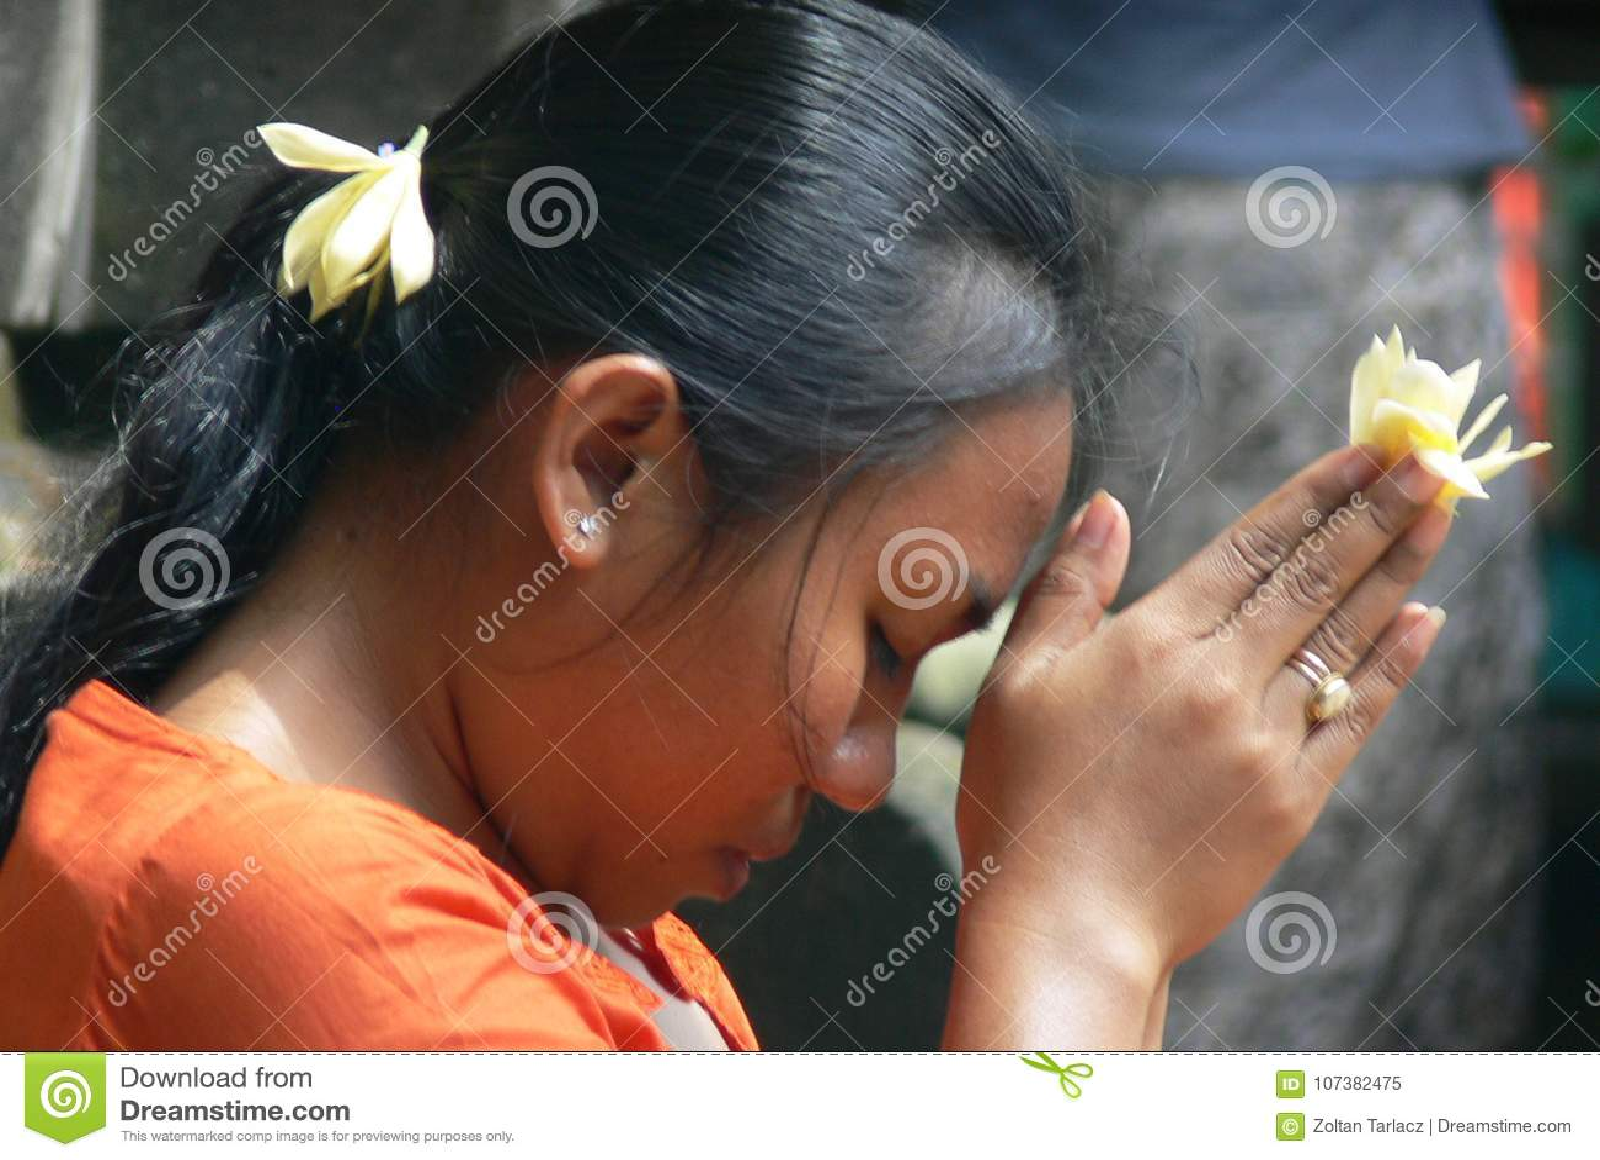 Balijczyk dziewczyny modlenie - zakończenie up